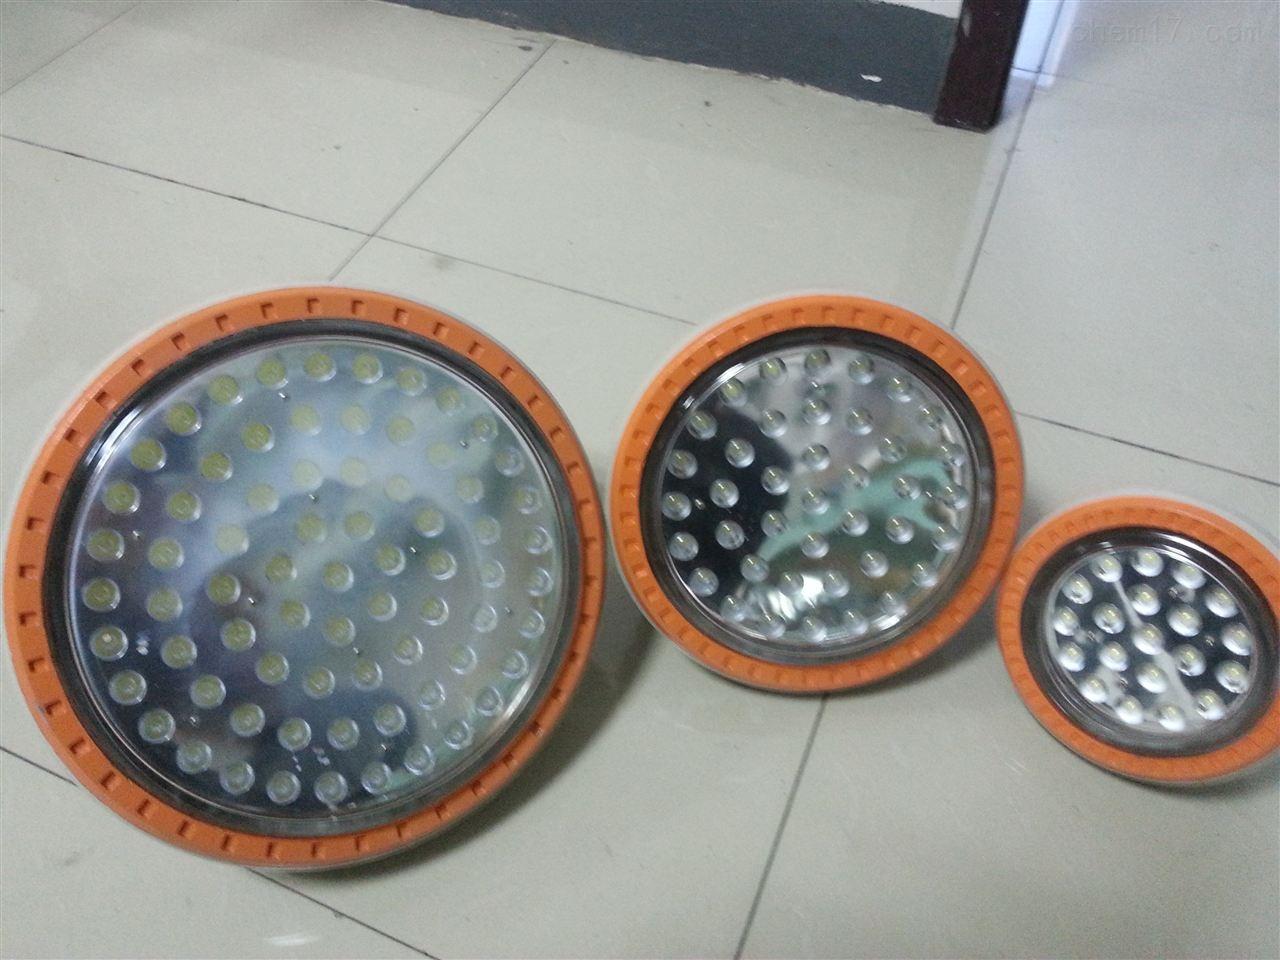 厂房防爆照明灯,LED防爆灯经久耐用,铝合金外壳防爆LED灯